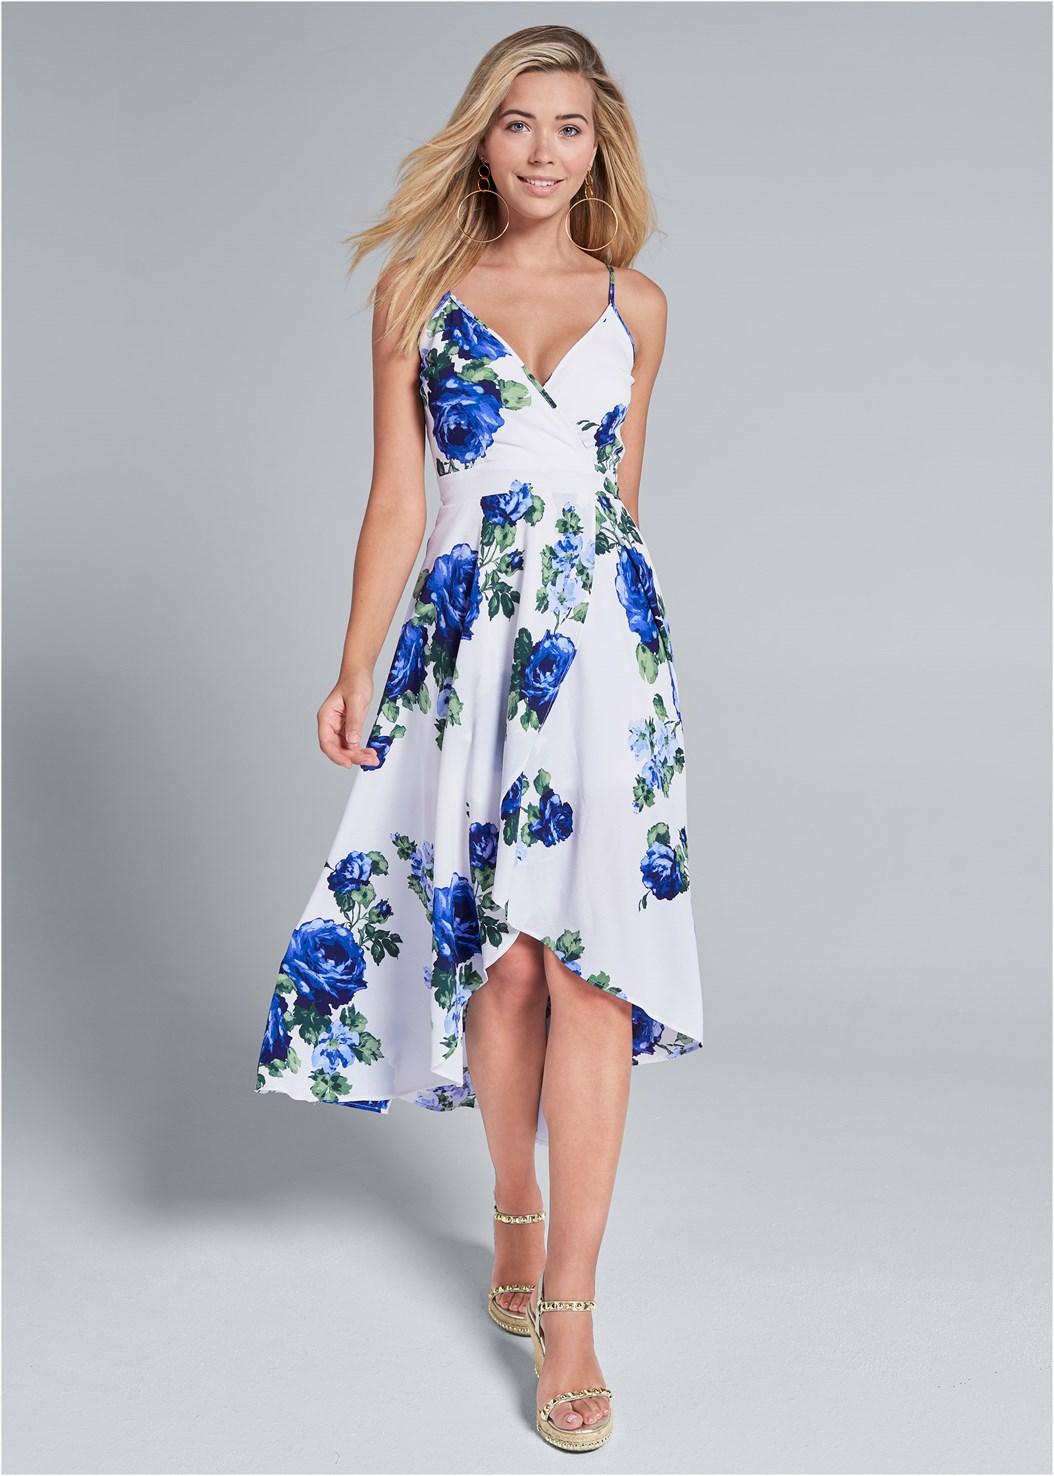 High Low Floral V-Neck Dress,Embellished Wedge